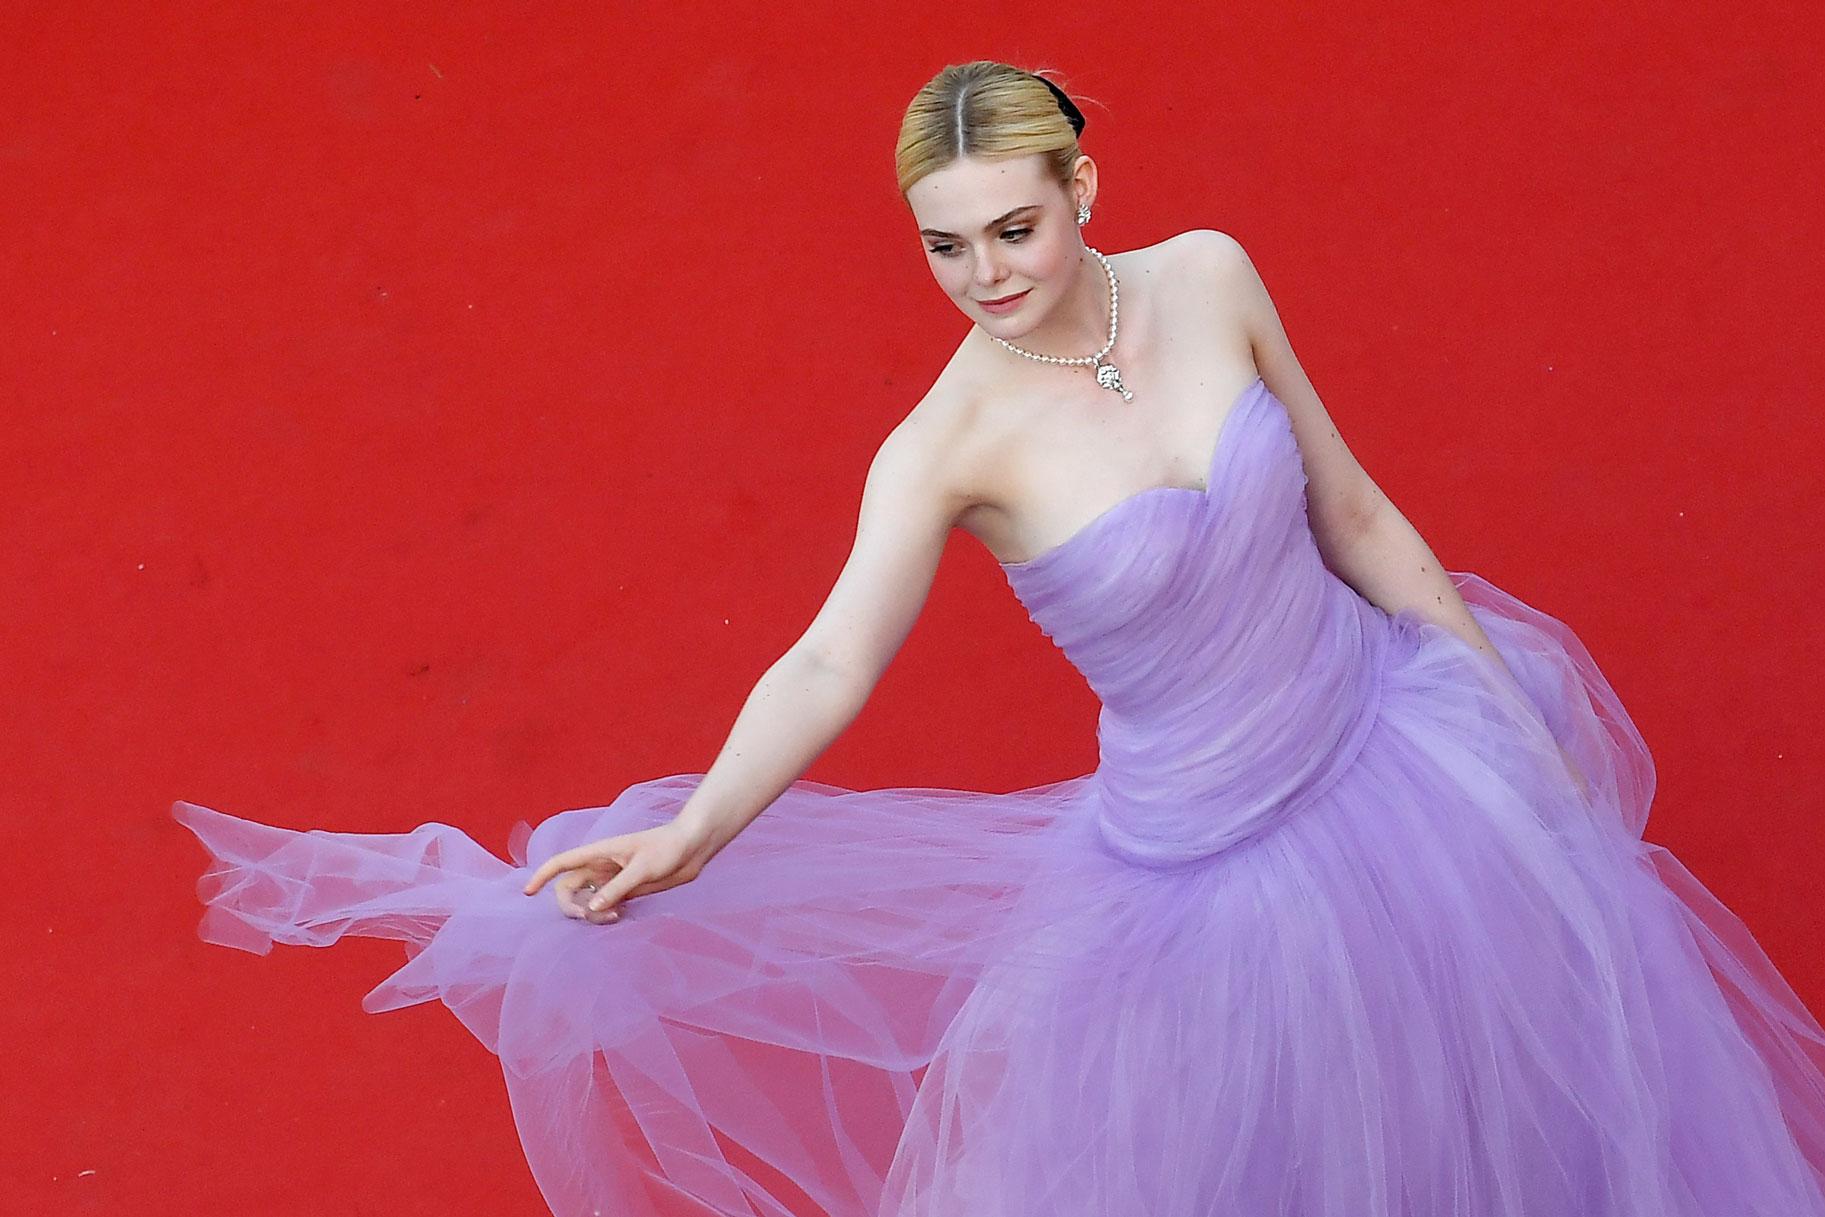 Lịch sử Cannes từng ghi dấu của 1 nàng tiên tím: Mỗi khoảnh khắc đều hóa cổ tích, từng ngất xỉu vì diện váy quá chật - Ảnh 1.